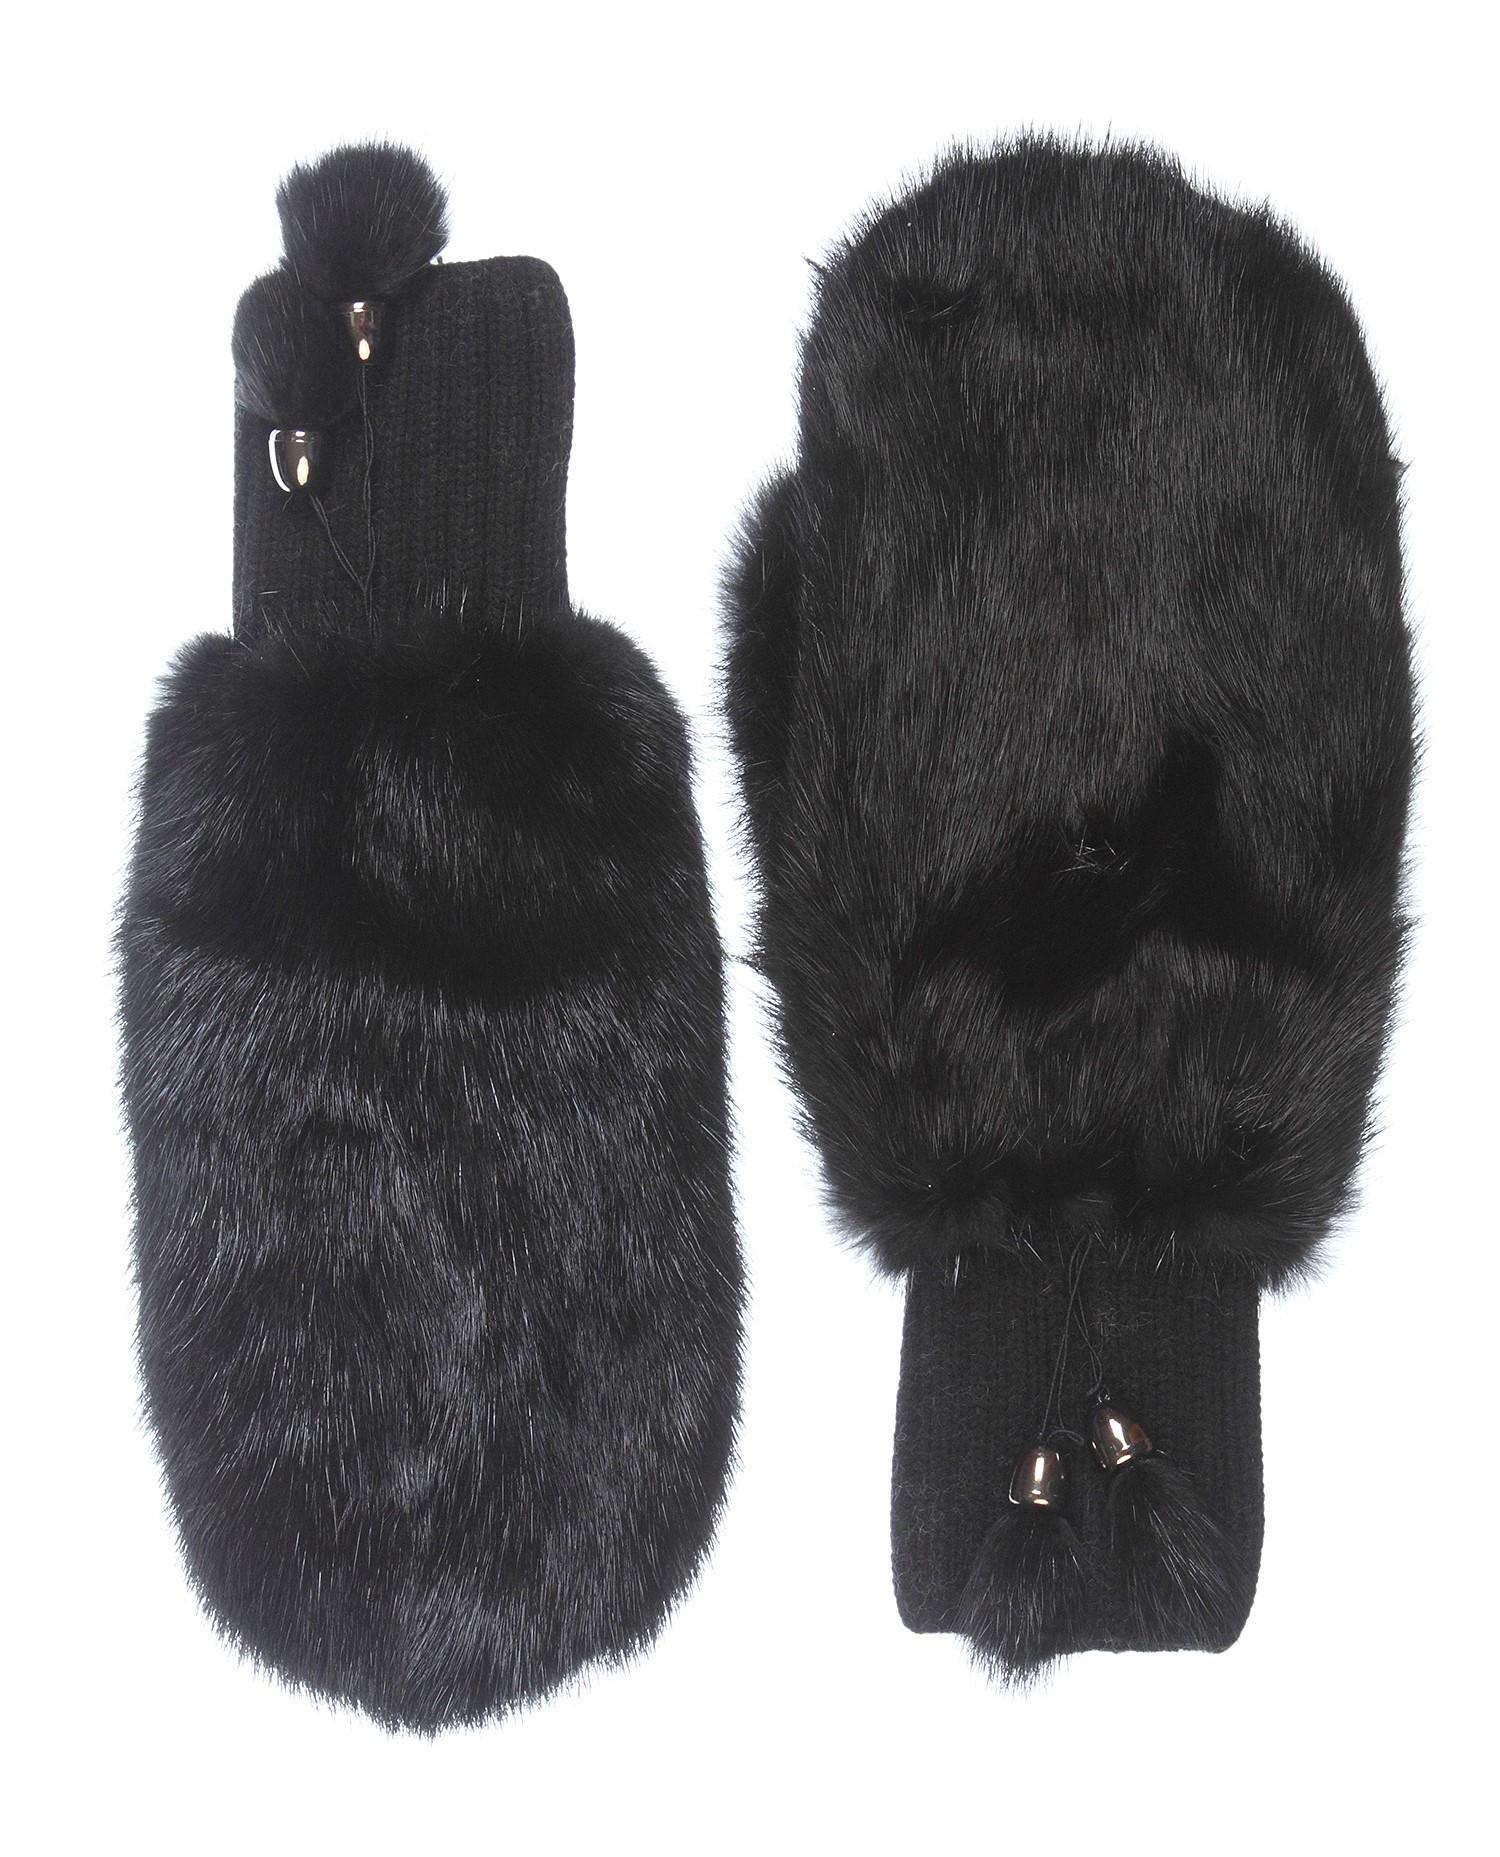 Варежки женские из норки<br><br>Материал: Норка<br>Цвет: черный<br>Пол: Женский